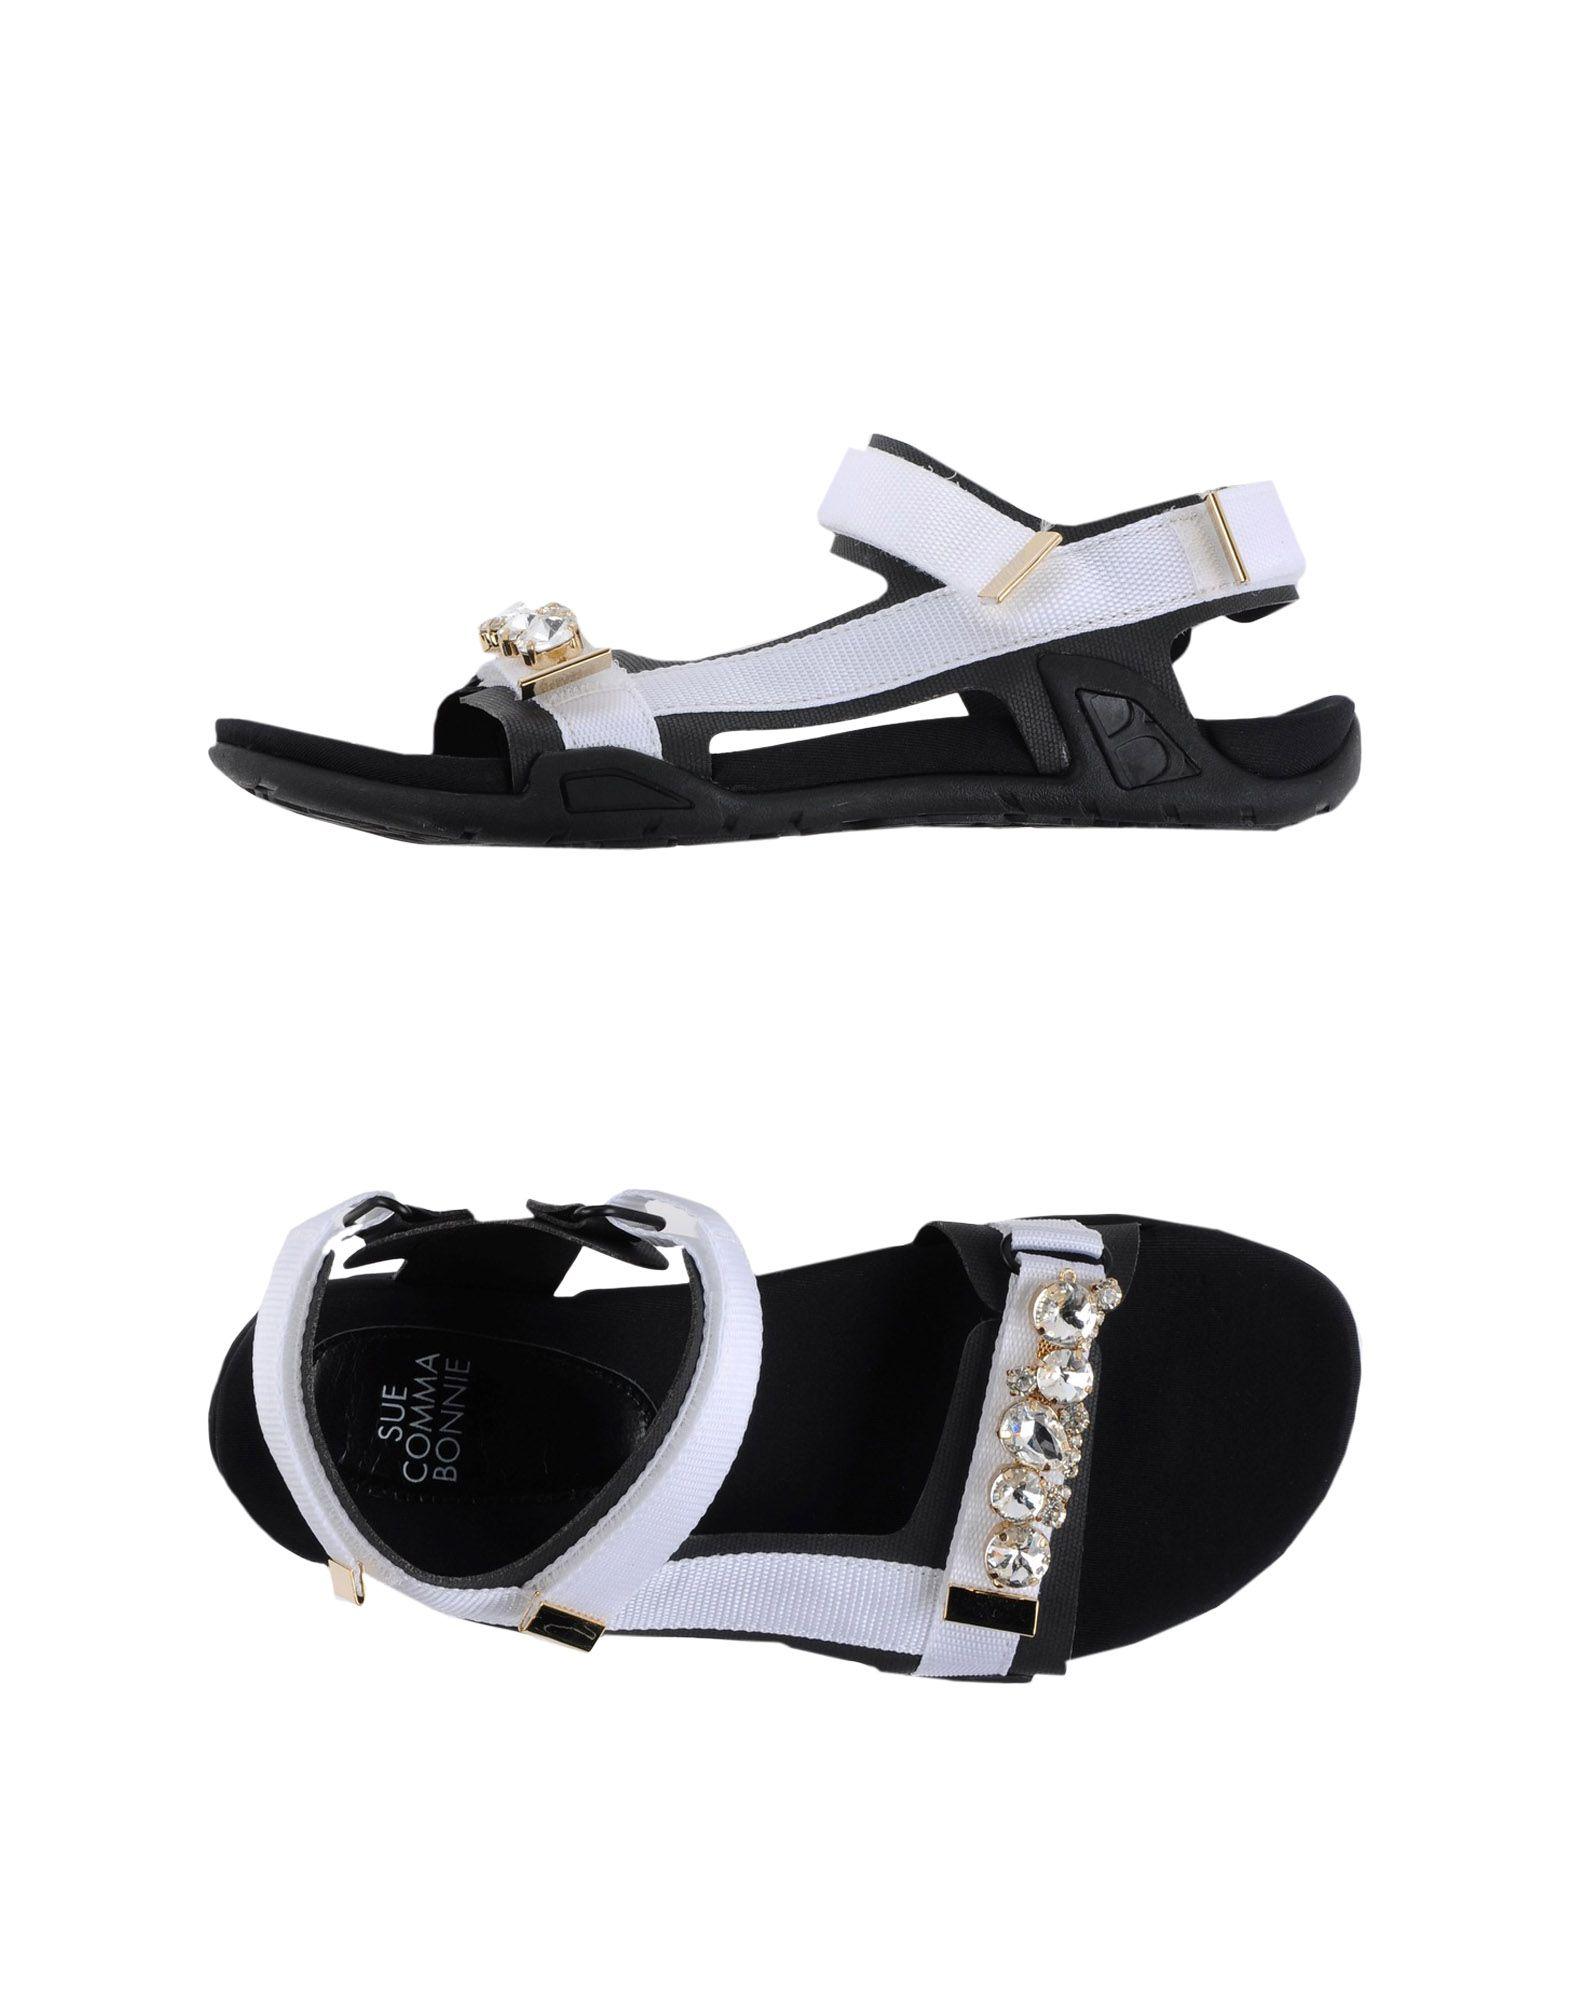 FOOTWEAR - Loafers on YOOX.COM Suecomma Bonnie KBdfS1MeC